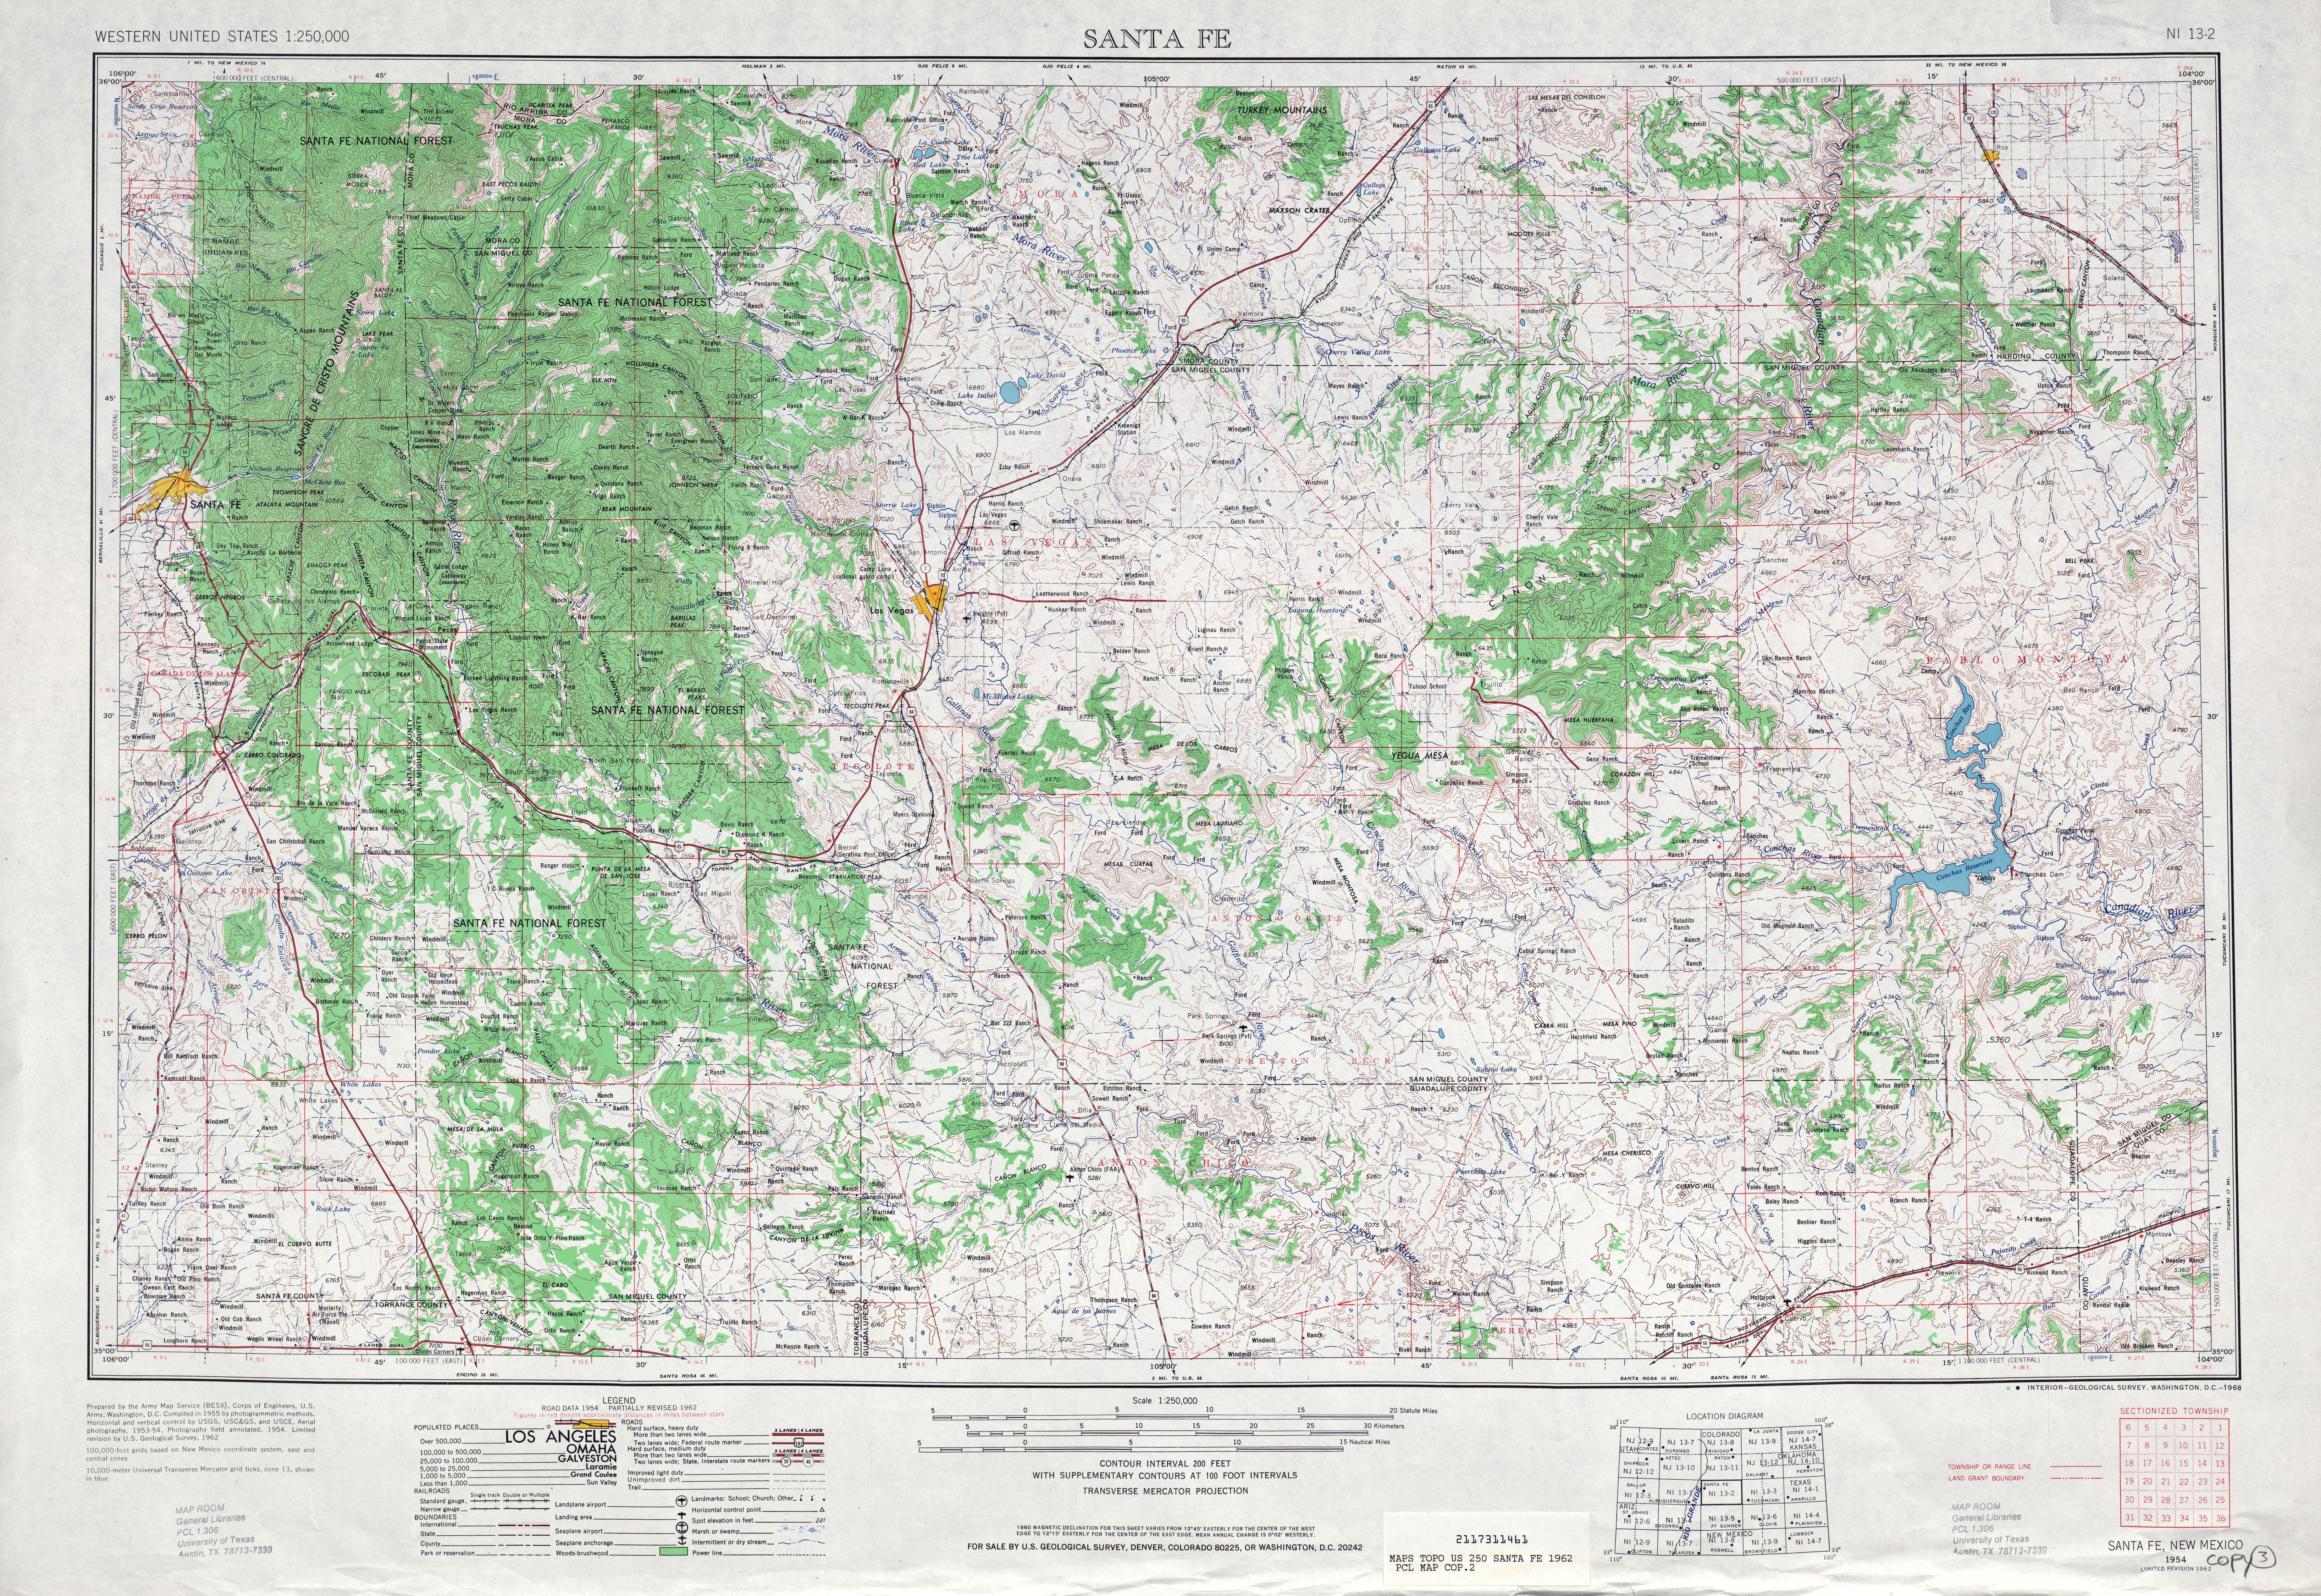 Hoja Santa Fe del Mapa Topográfico de los Estados Unidos 1962